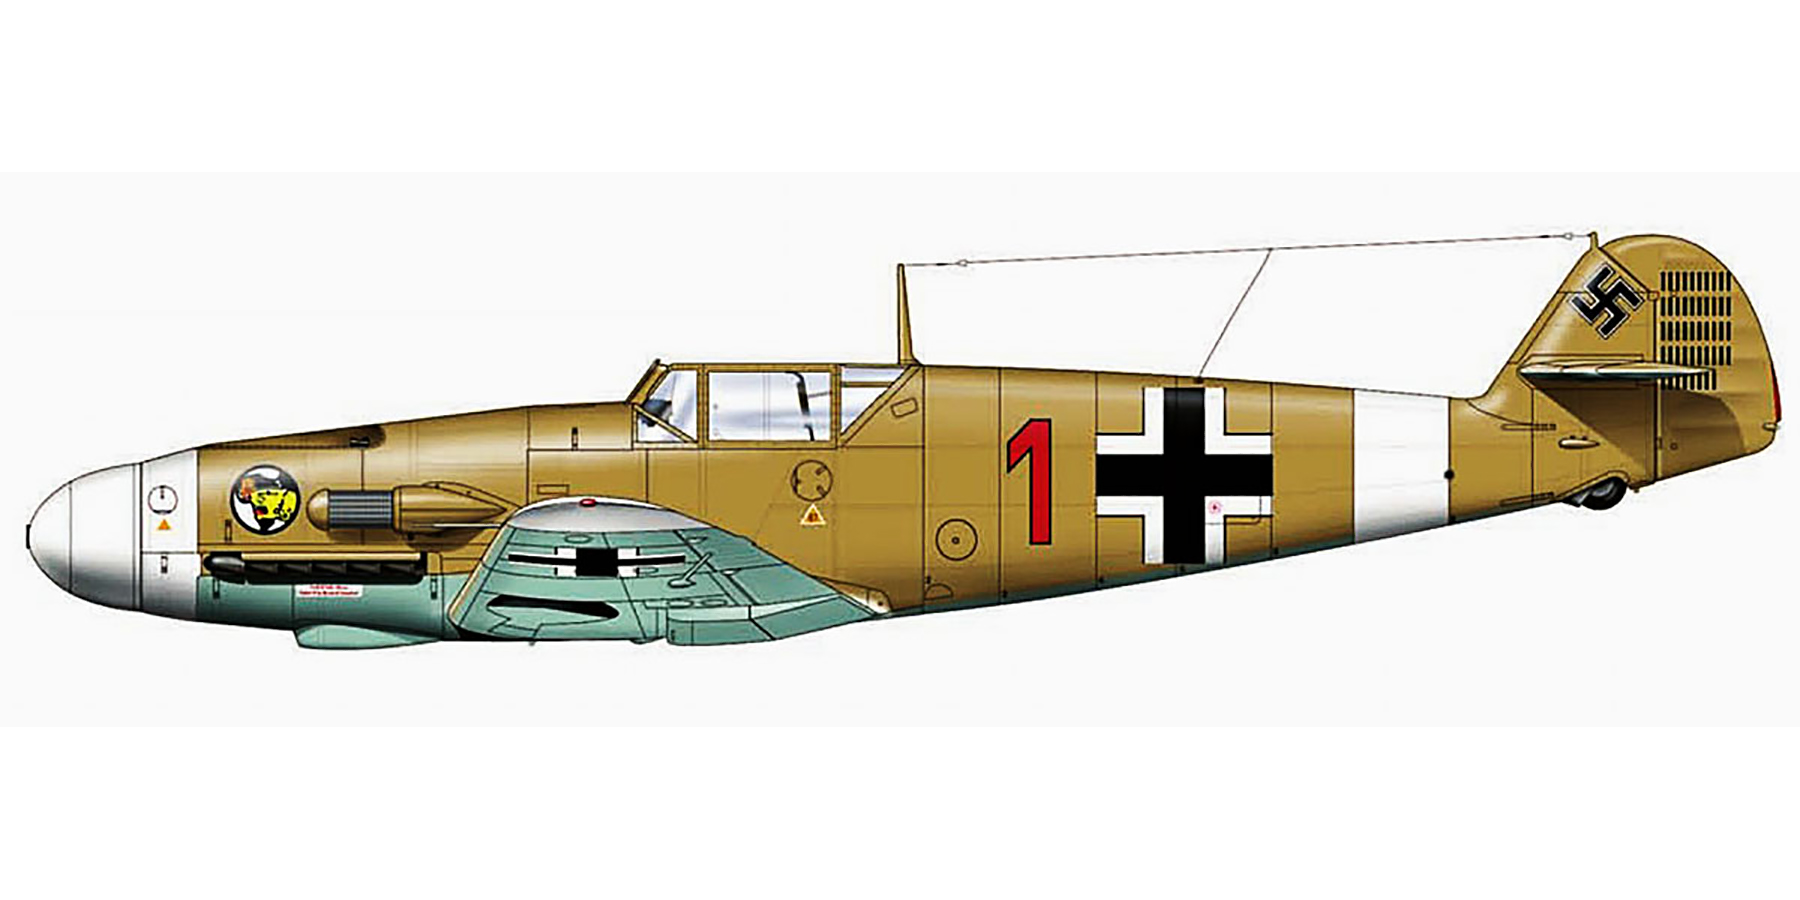 Messerschmitt Bf 109F4Trop 2.JG27 Red 1 Hans Arnold Stahlschmidt Qutaifiya Egypt Aug 1942 0A